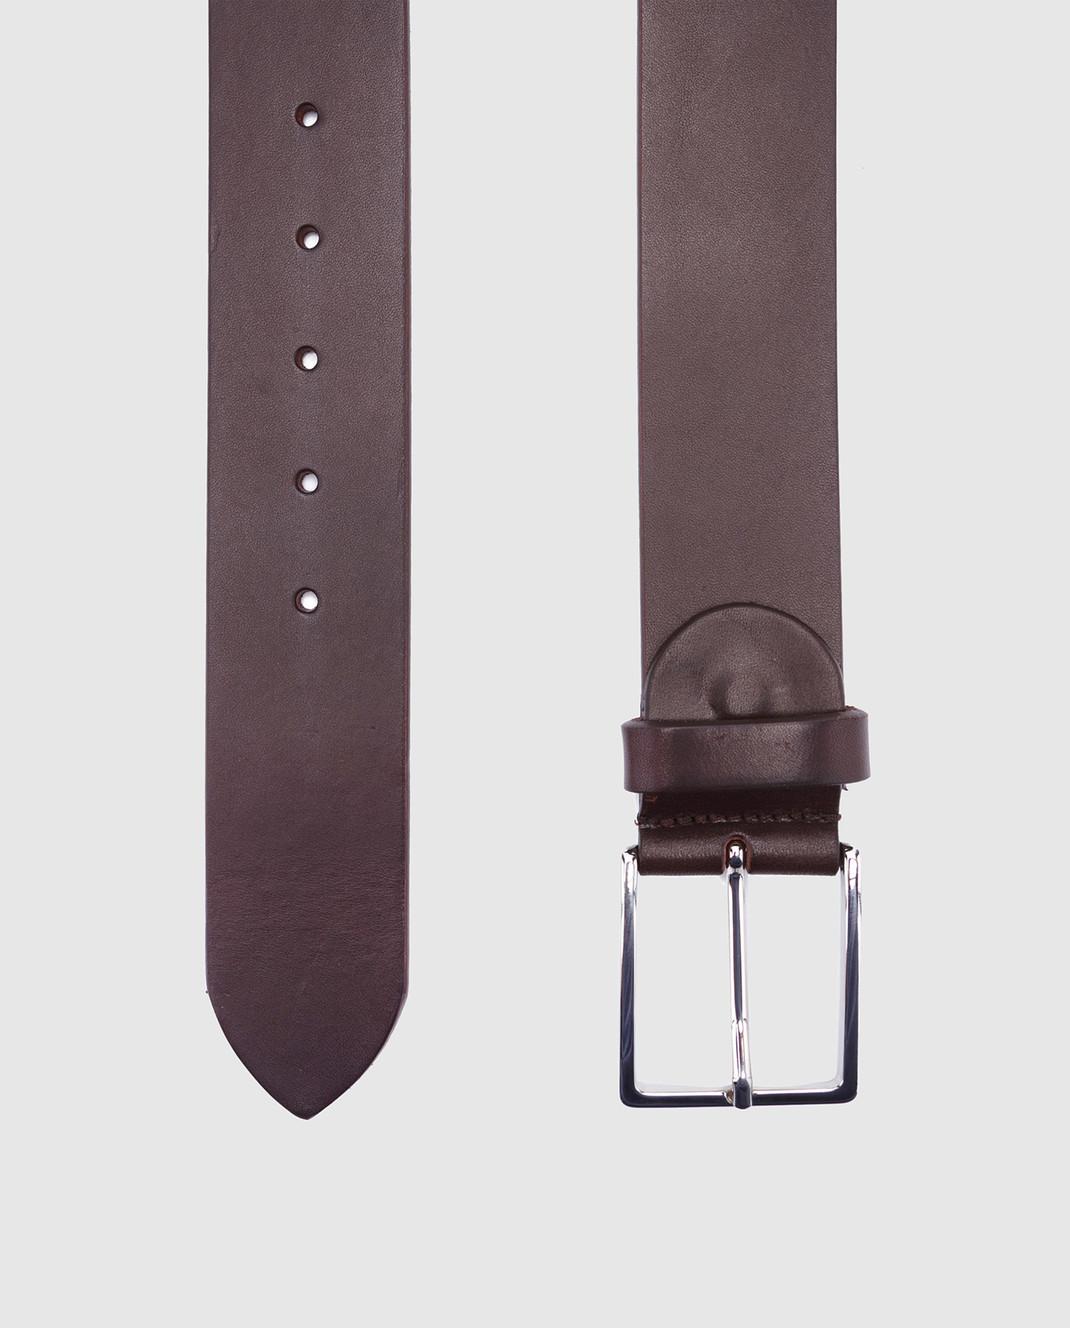 Bochicchio Темно-коричневый кожаный ремень 1011 изображение 3